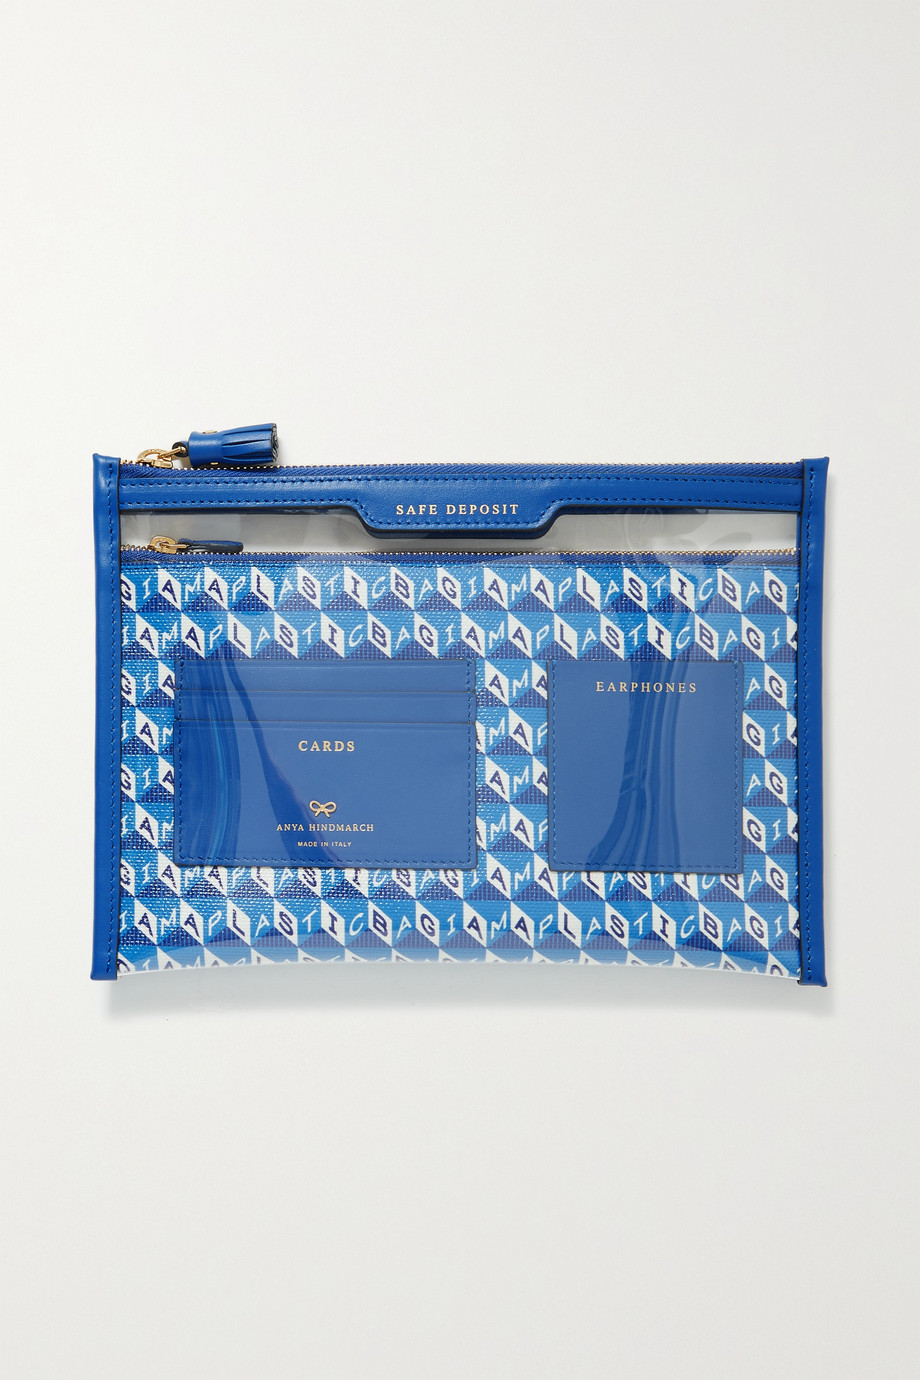 Anya Hindmarch Safe Deposit Beutel aus bedrucktem beschichtetem Canvas und PVC mit Lederbesätzen